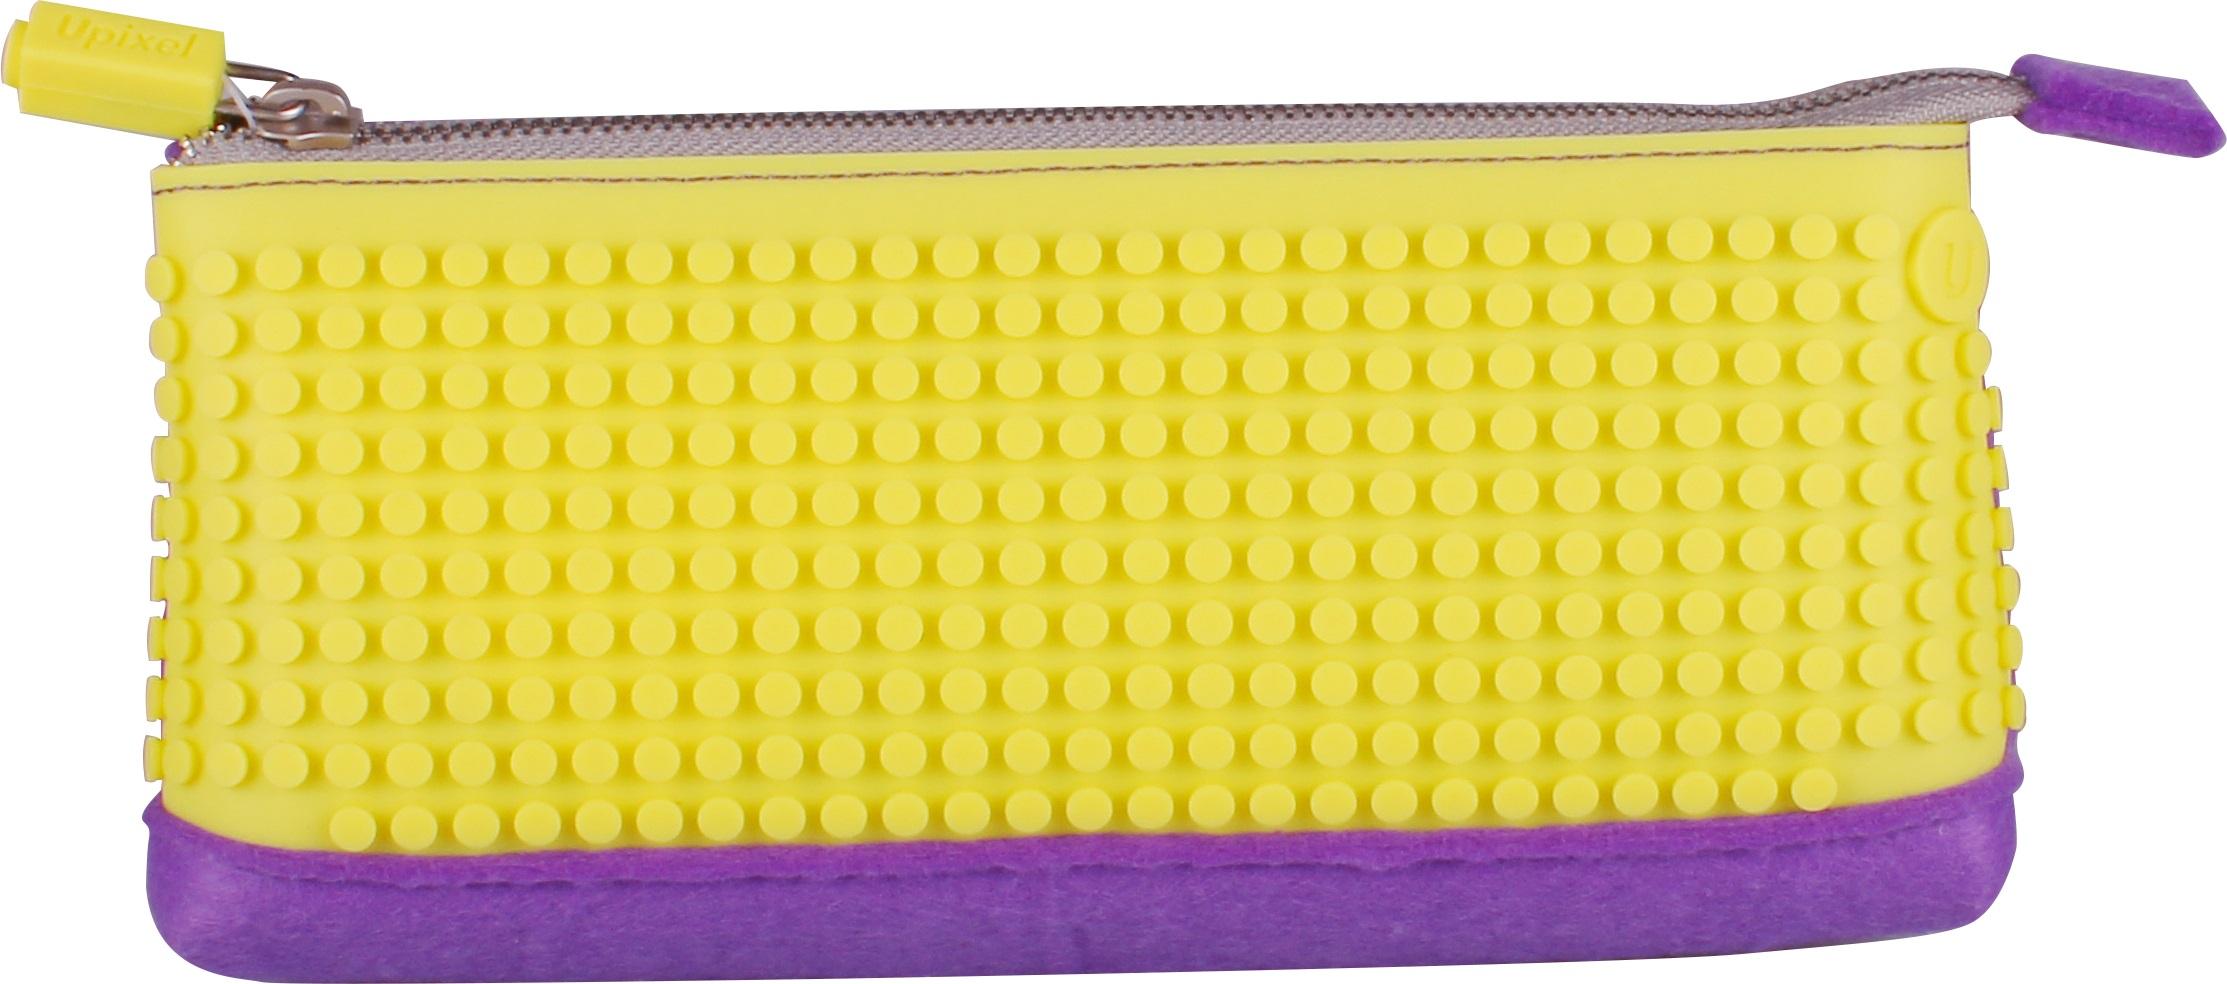 Пиксельный пенал (Pencil Case) WY-B002 (Фиолетовый/желтый)Представляем вашему вниманию пиксельный пенал (Pencil Case) WY-B002, имеющий силиконовую панель, на которой с помощью «пикселей» в виде мозаики выкладывается абсолютно любой рисунок.<br>